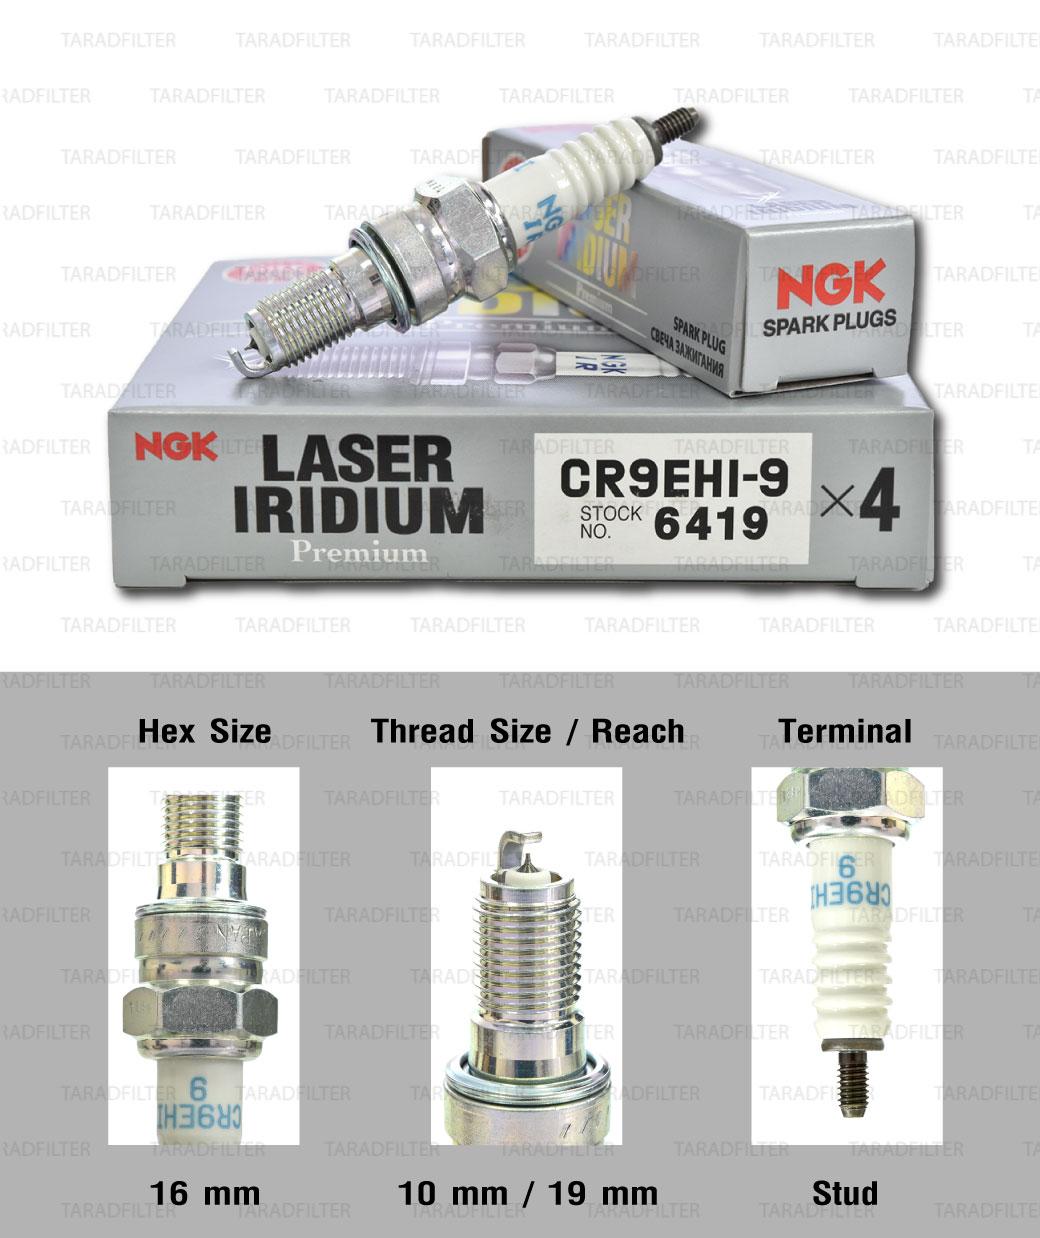 NGK หัวเทียน Laser Iridium ขั้ว Iridium CR9EHI-9 ใช้สำหรับมอเตอร์ไซค์ CB650F CBR650F- Made in Japan